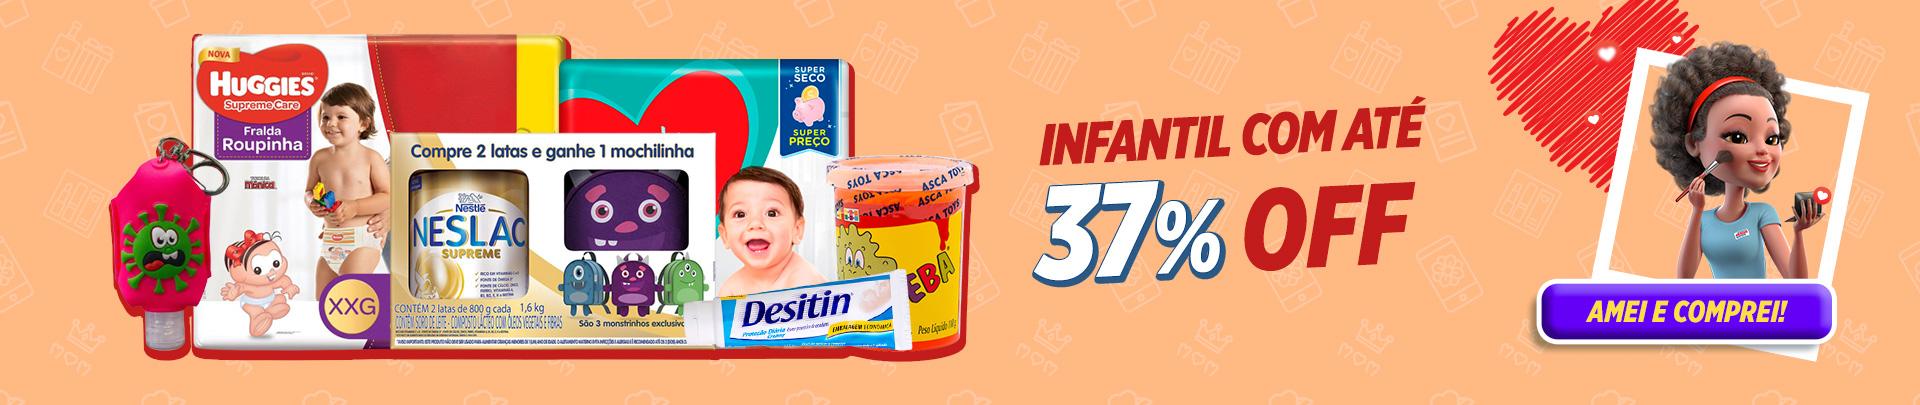 Infantil_Tab354